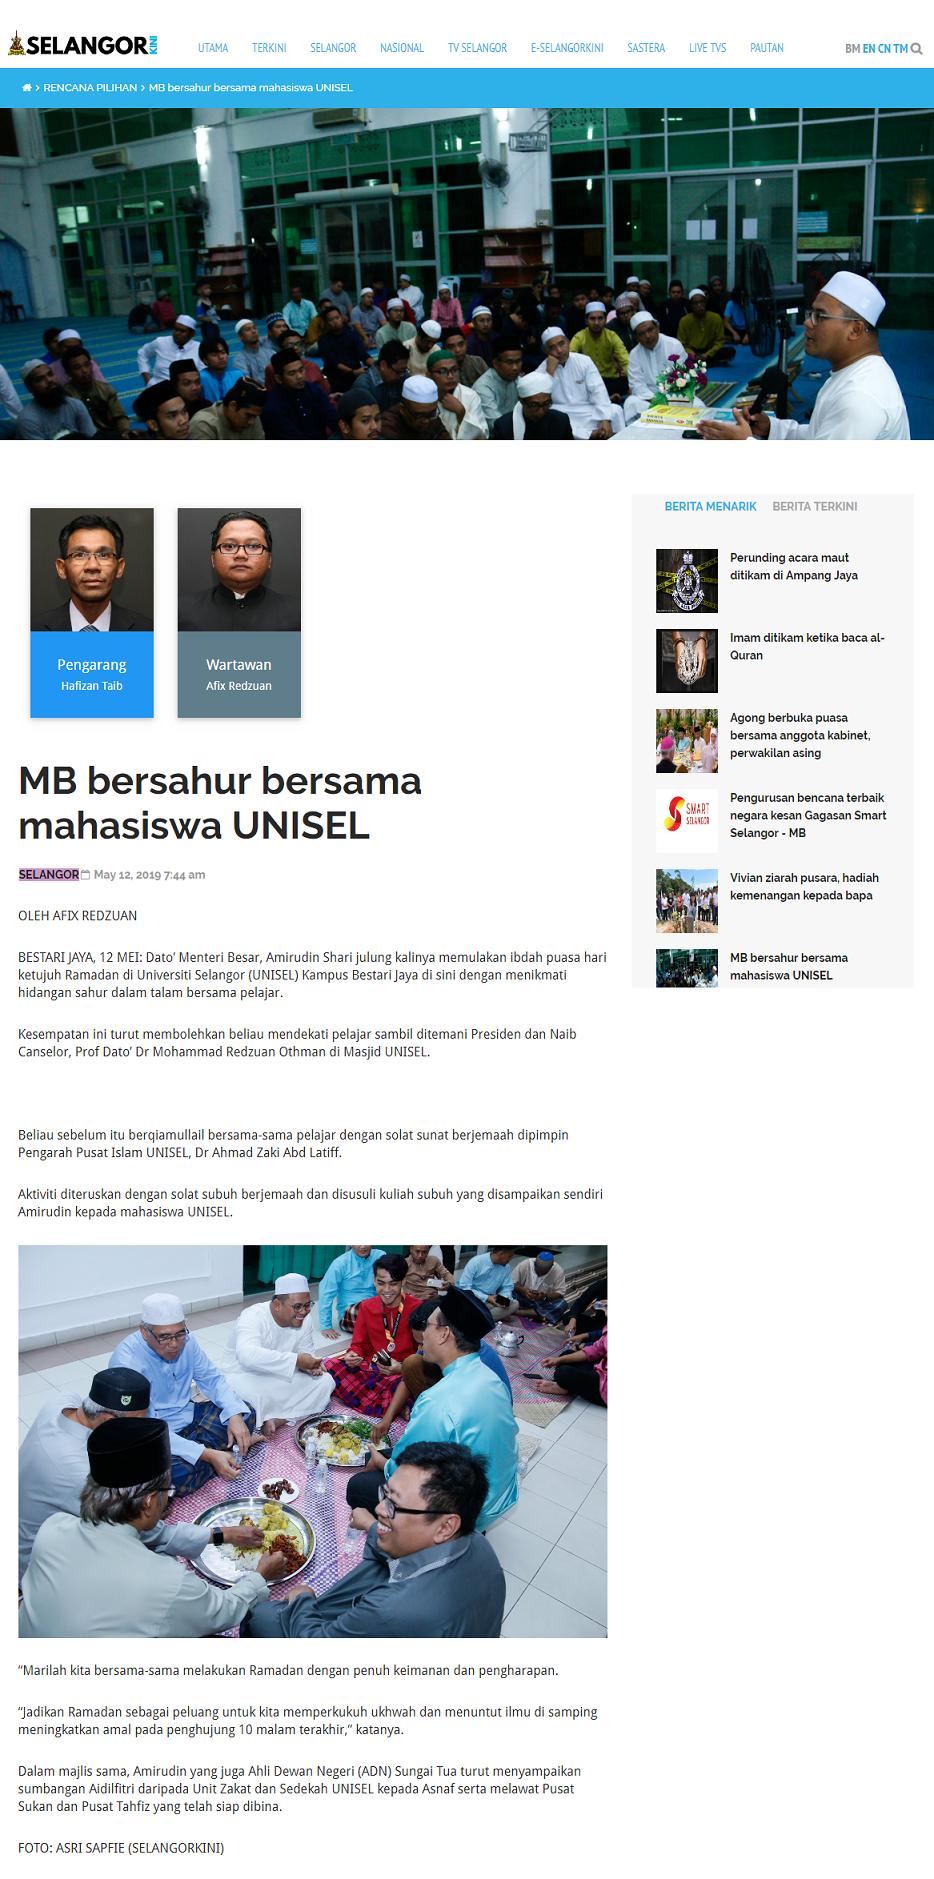 Selangorkini (Online) 12 Mei 2019